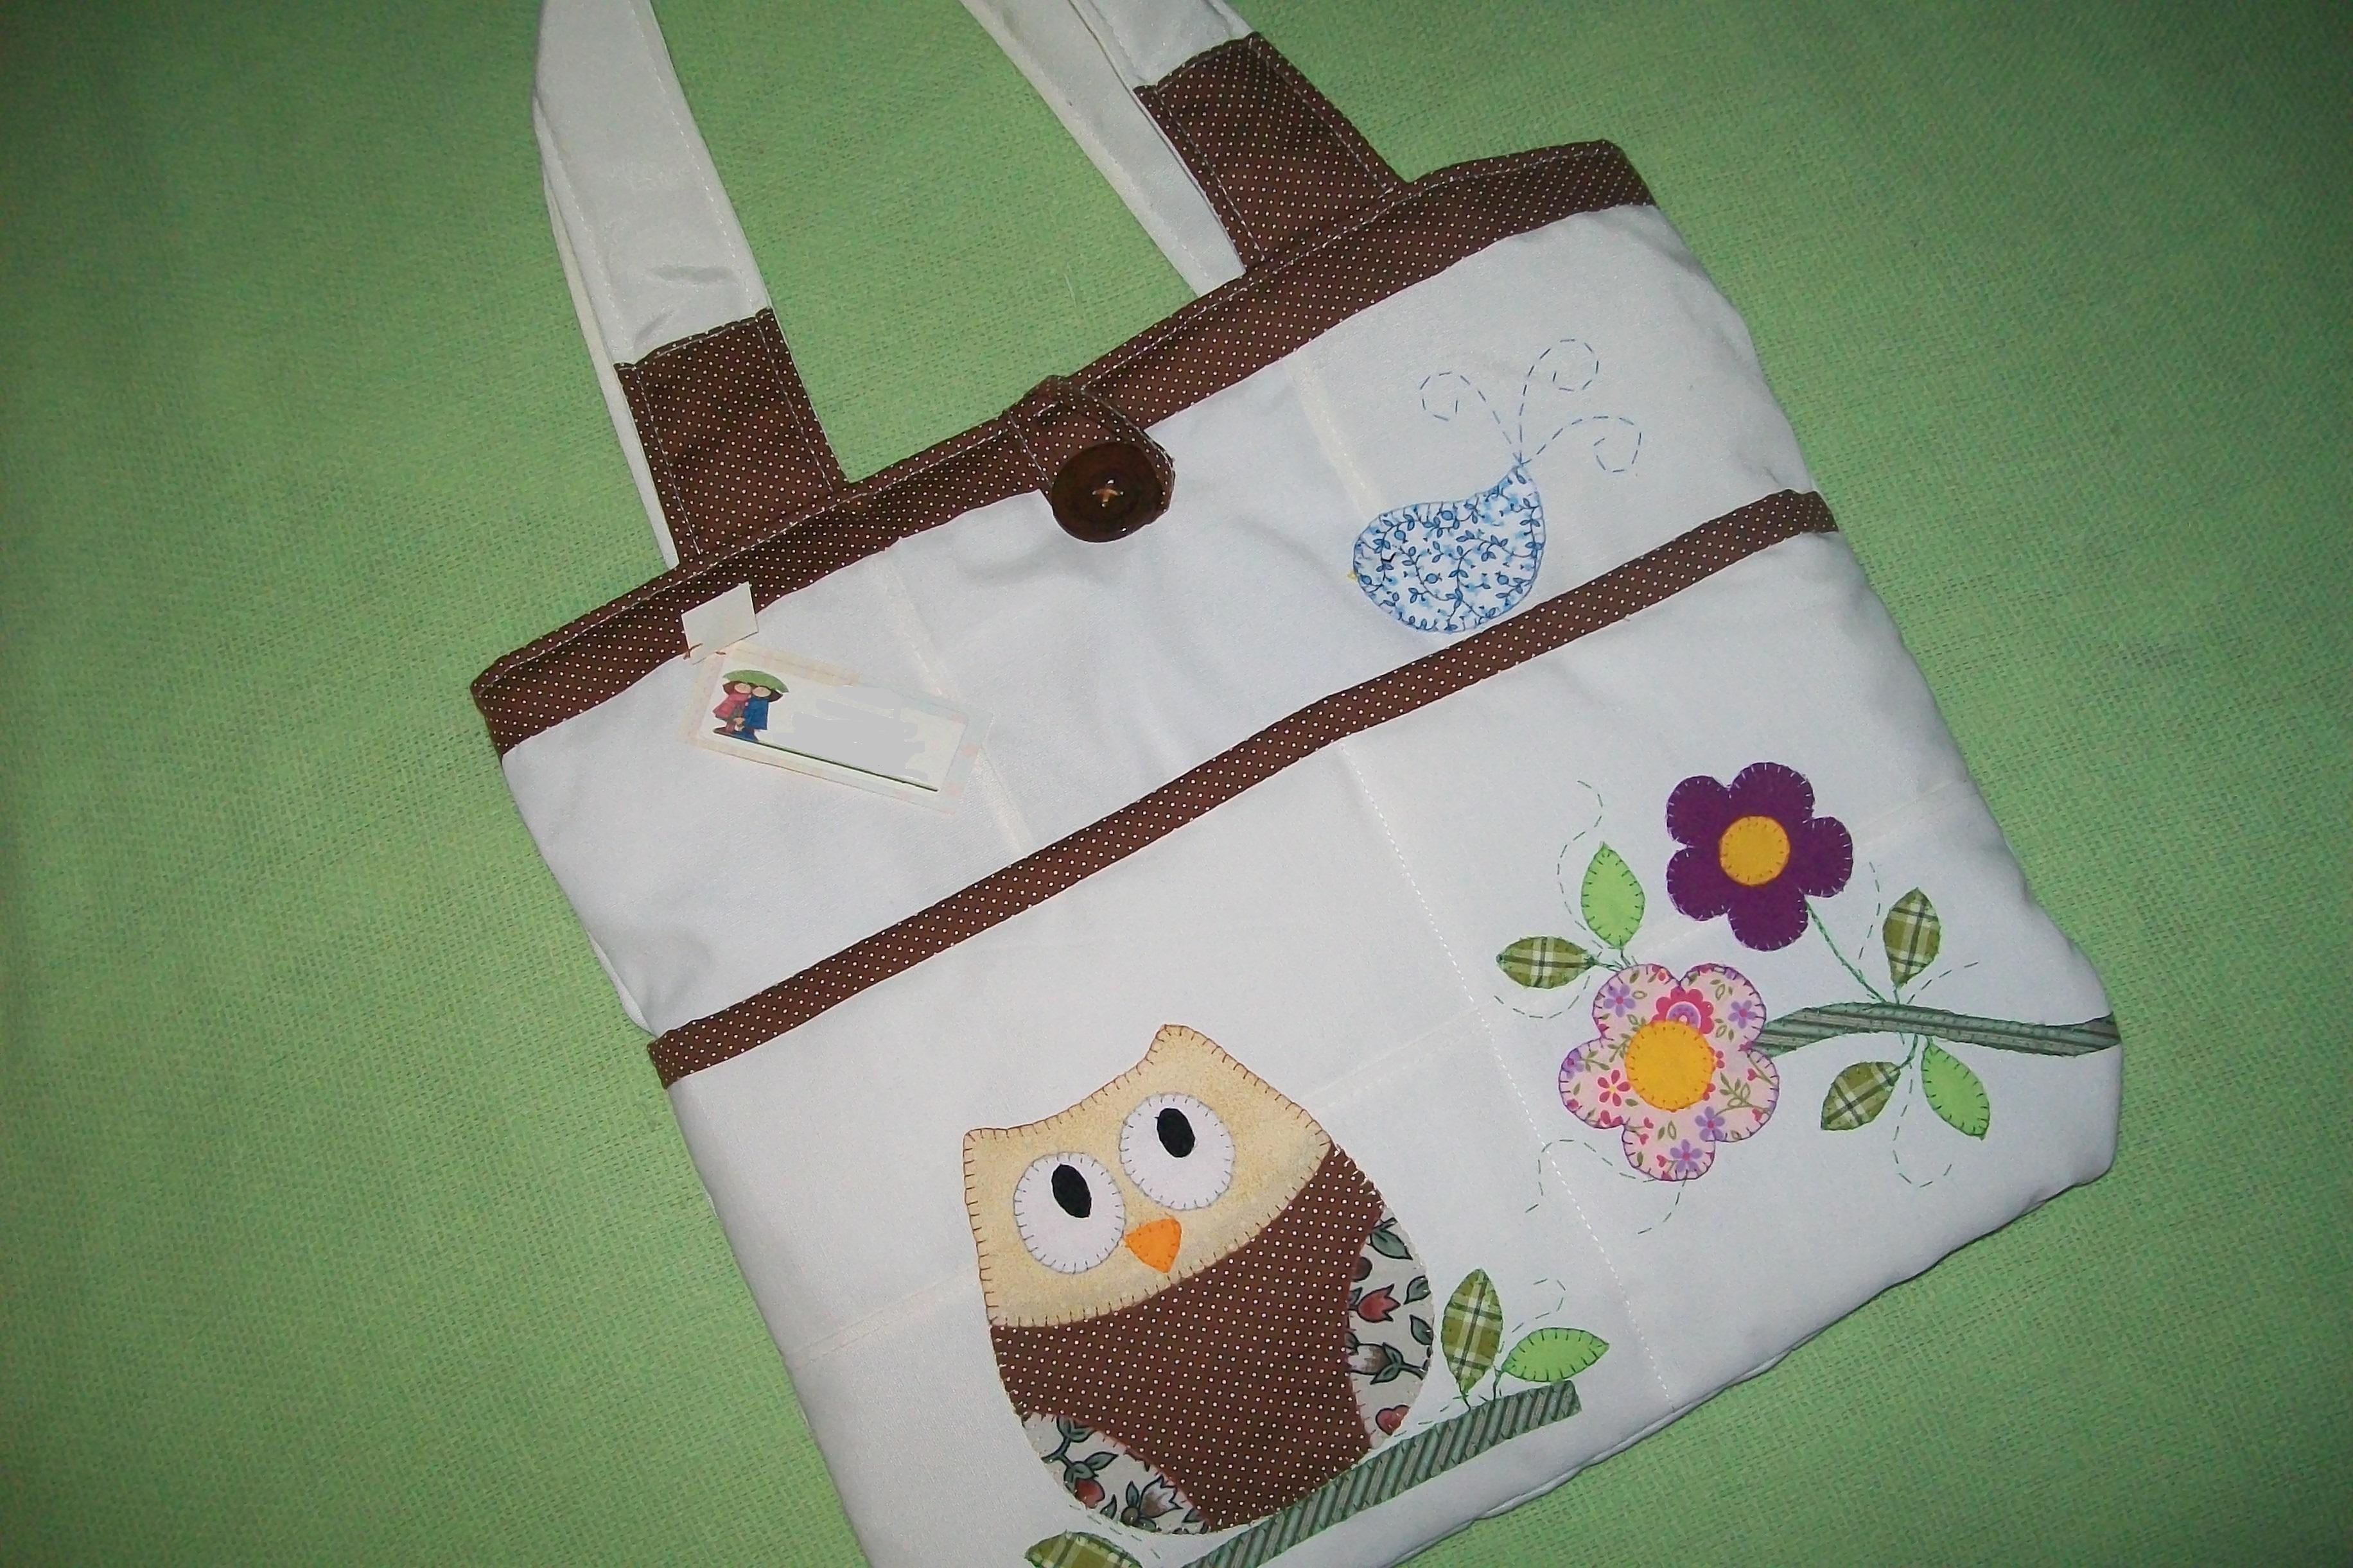 Bolsa De Tecido Decorada Com Coruja : Bolsa de tecido coruja meu cantinho artesanato elo